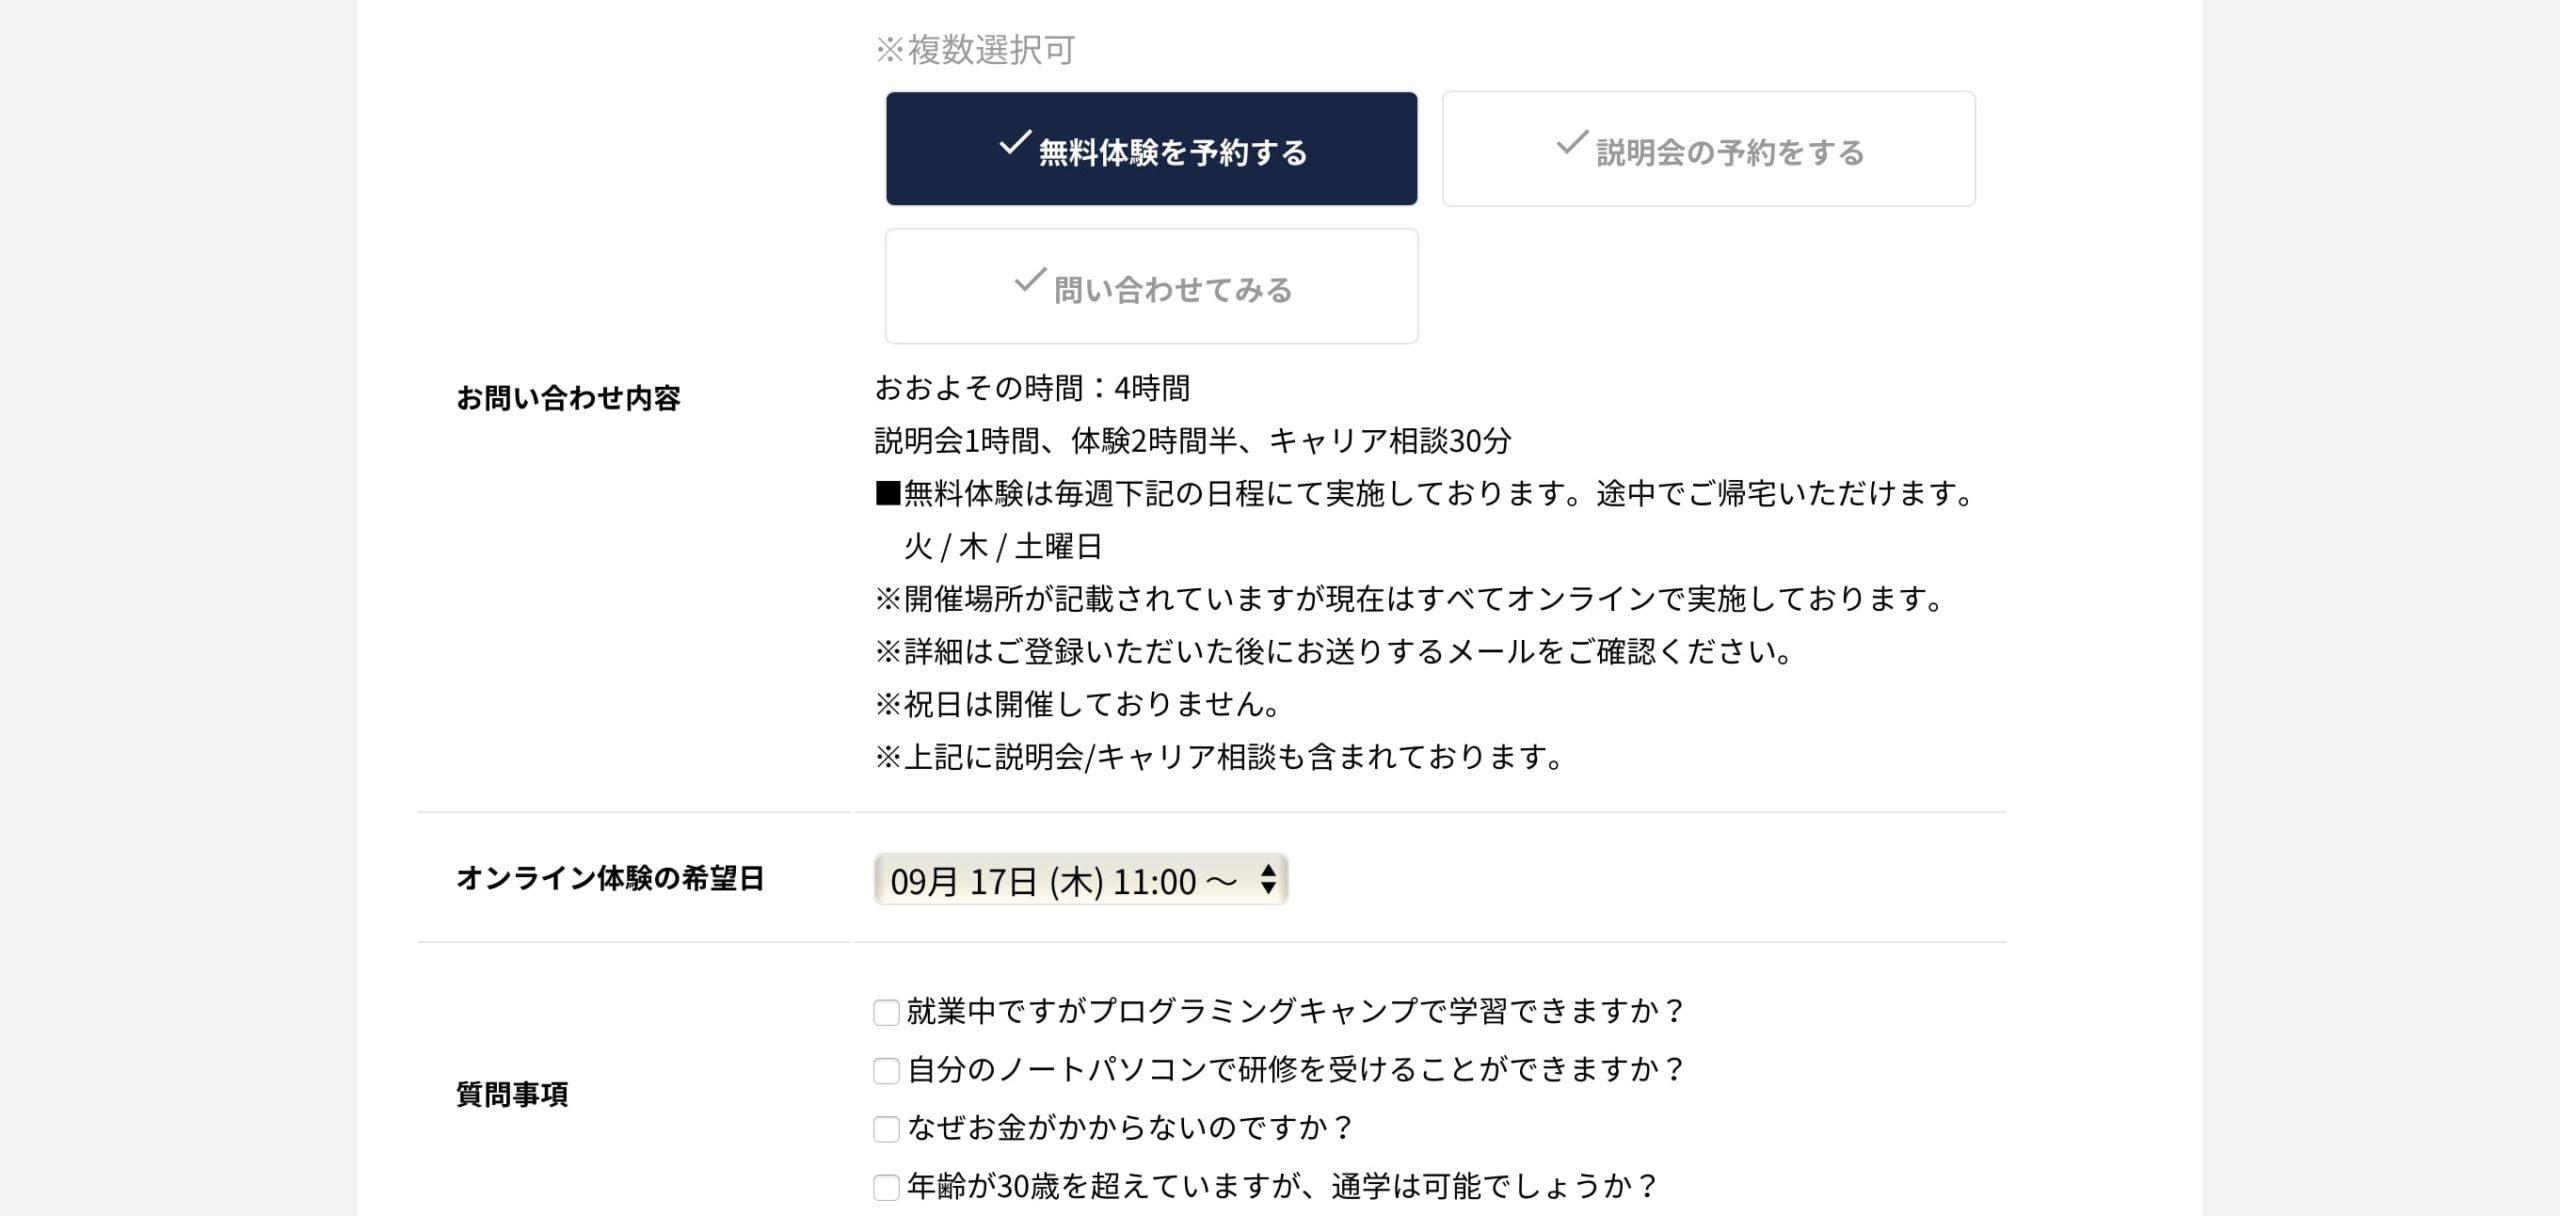 GEEKJOBのプロフィール入力ページNO2